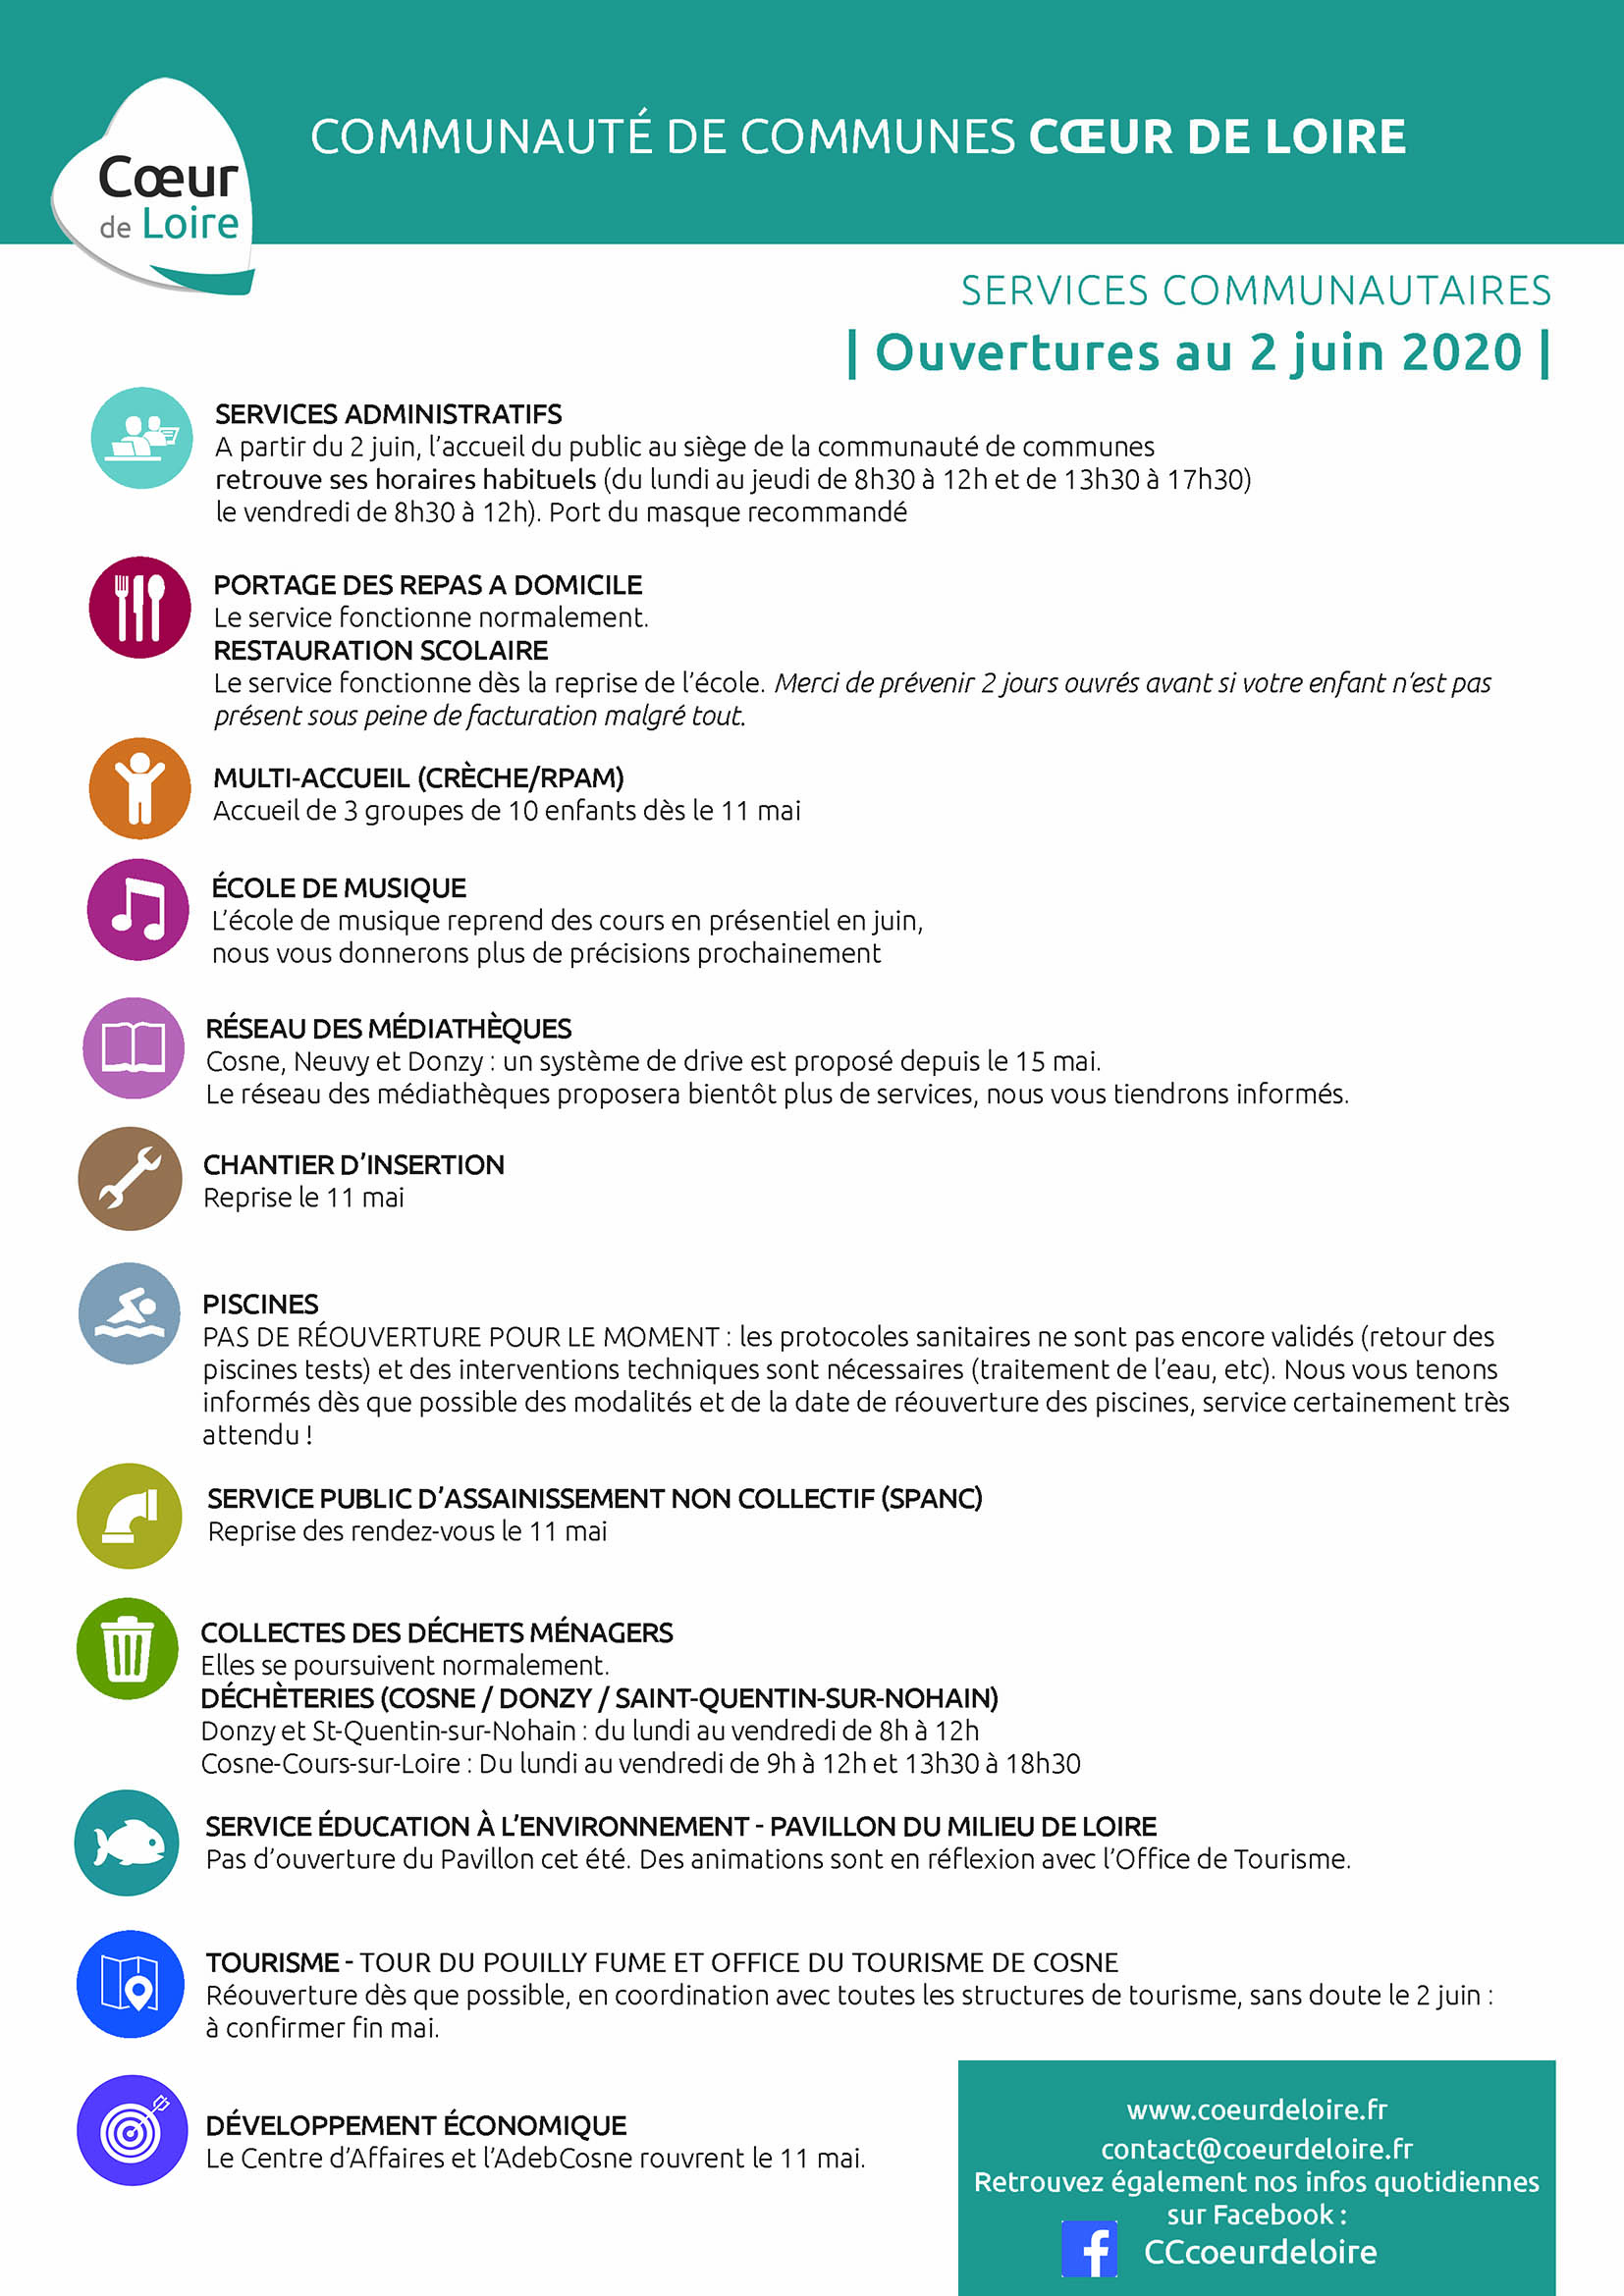 Ouverture des services communautaires – 2 juin